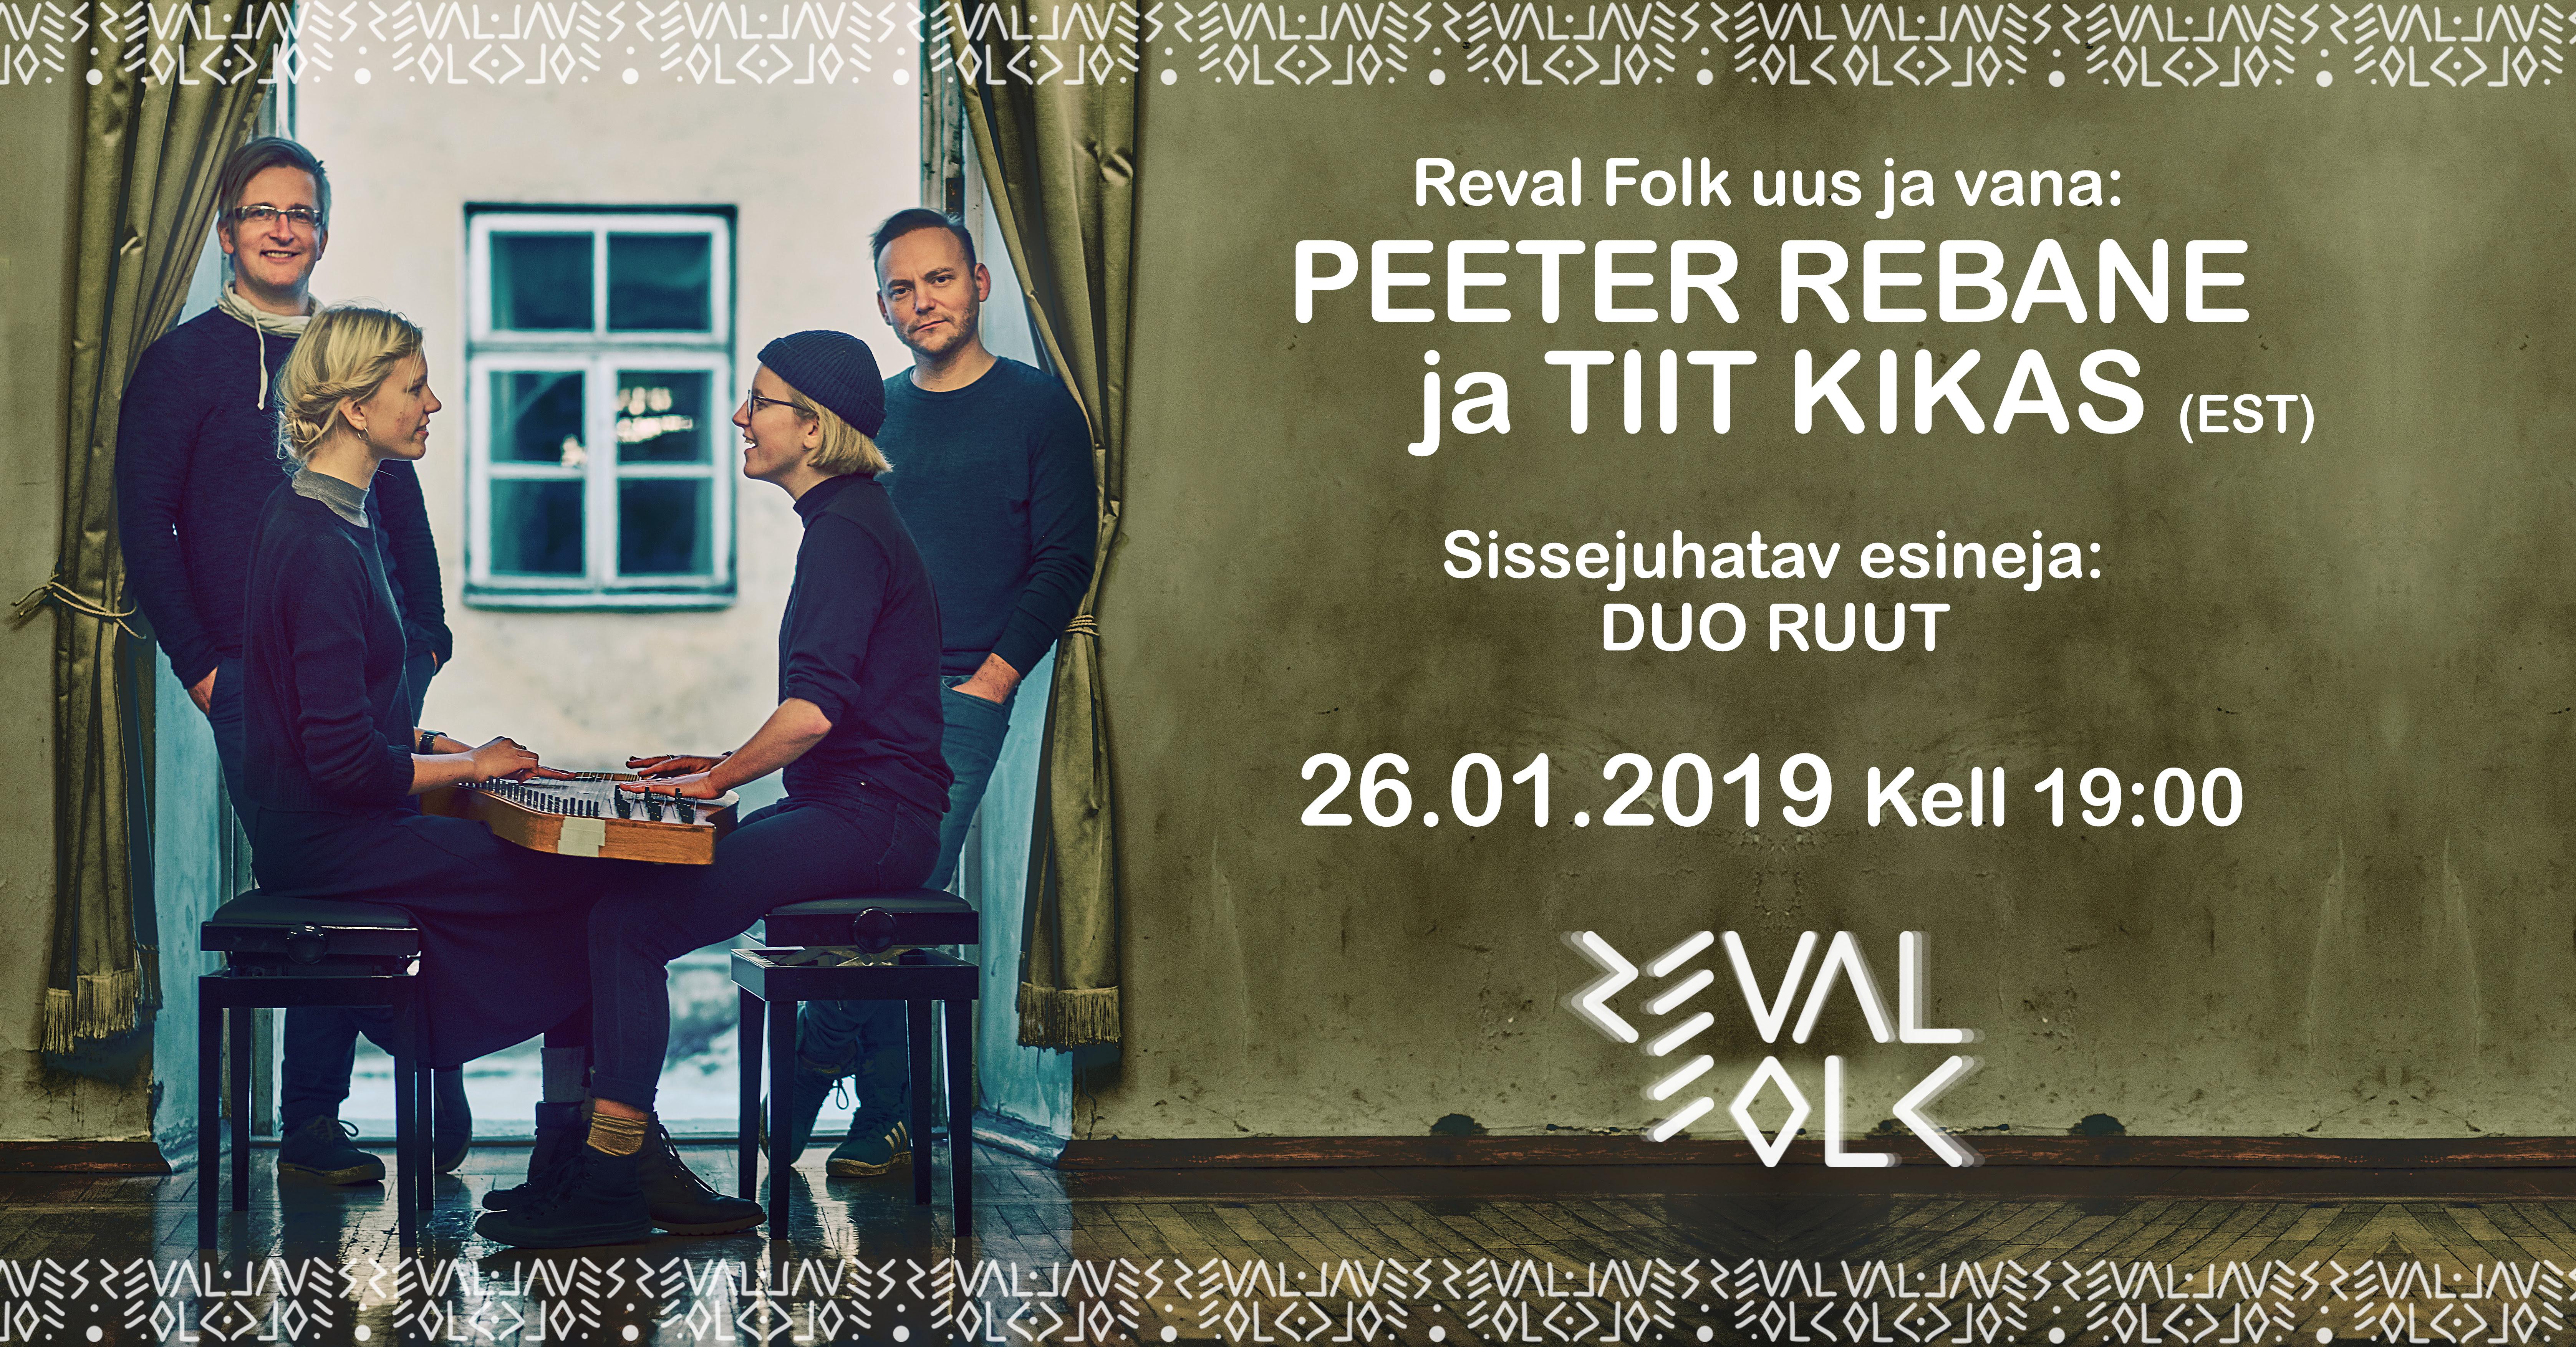 Reval folk seob kokku uue ja vana: Peeter Rebane ja Tiit Kikas